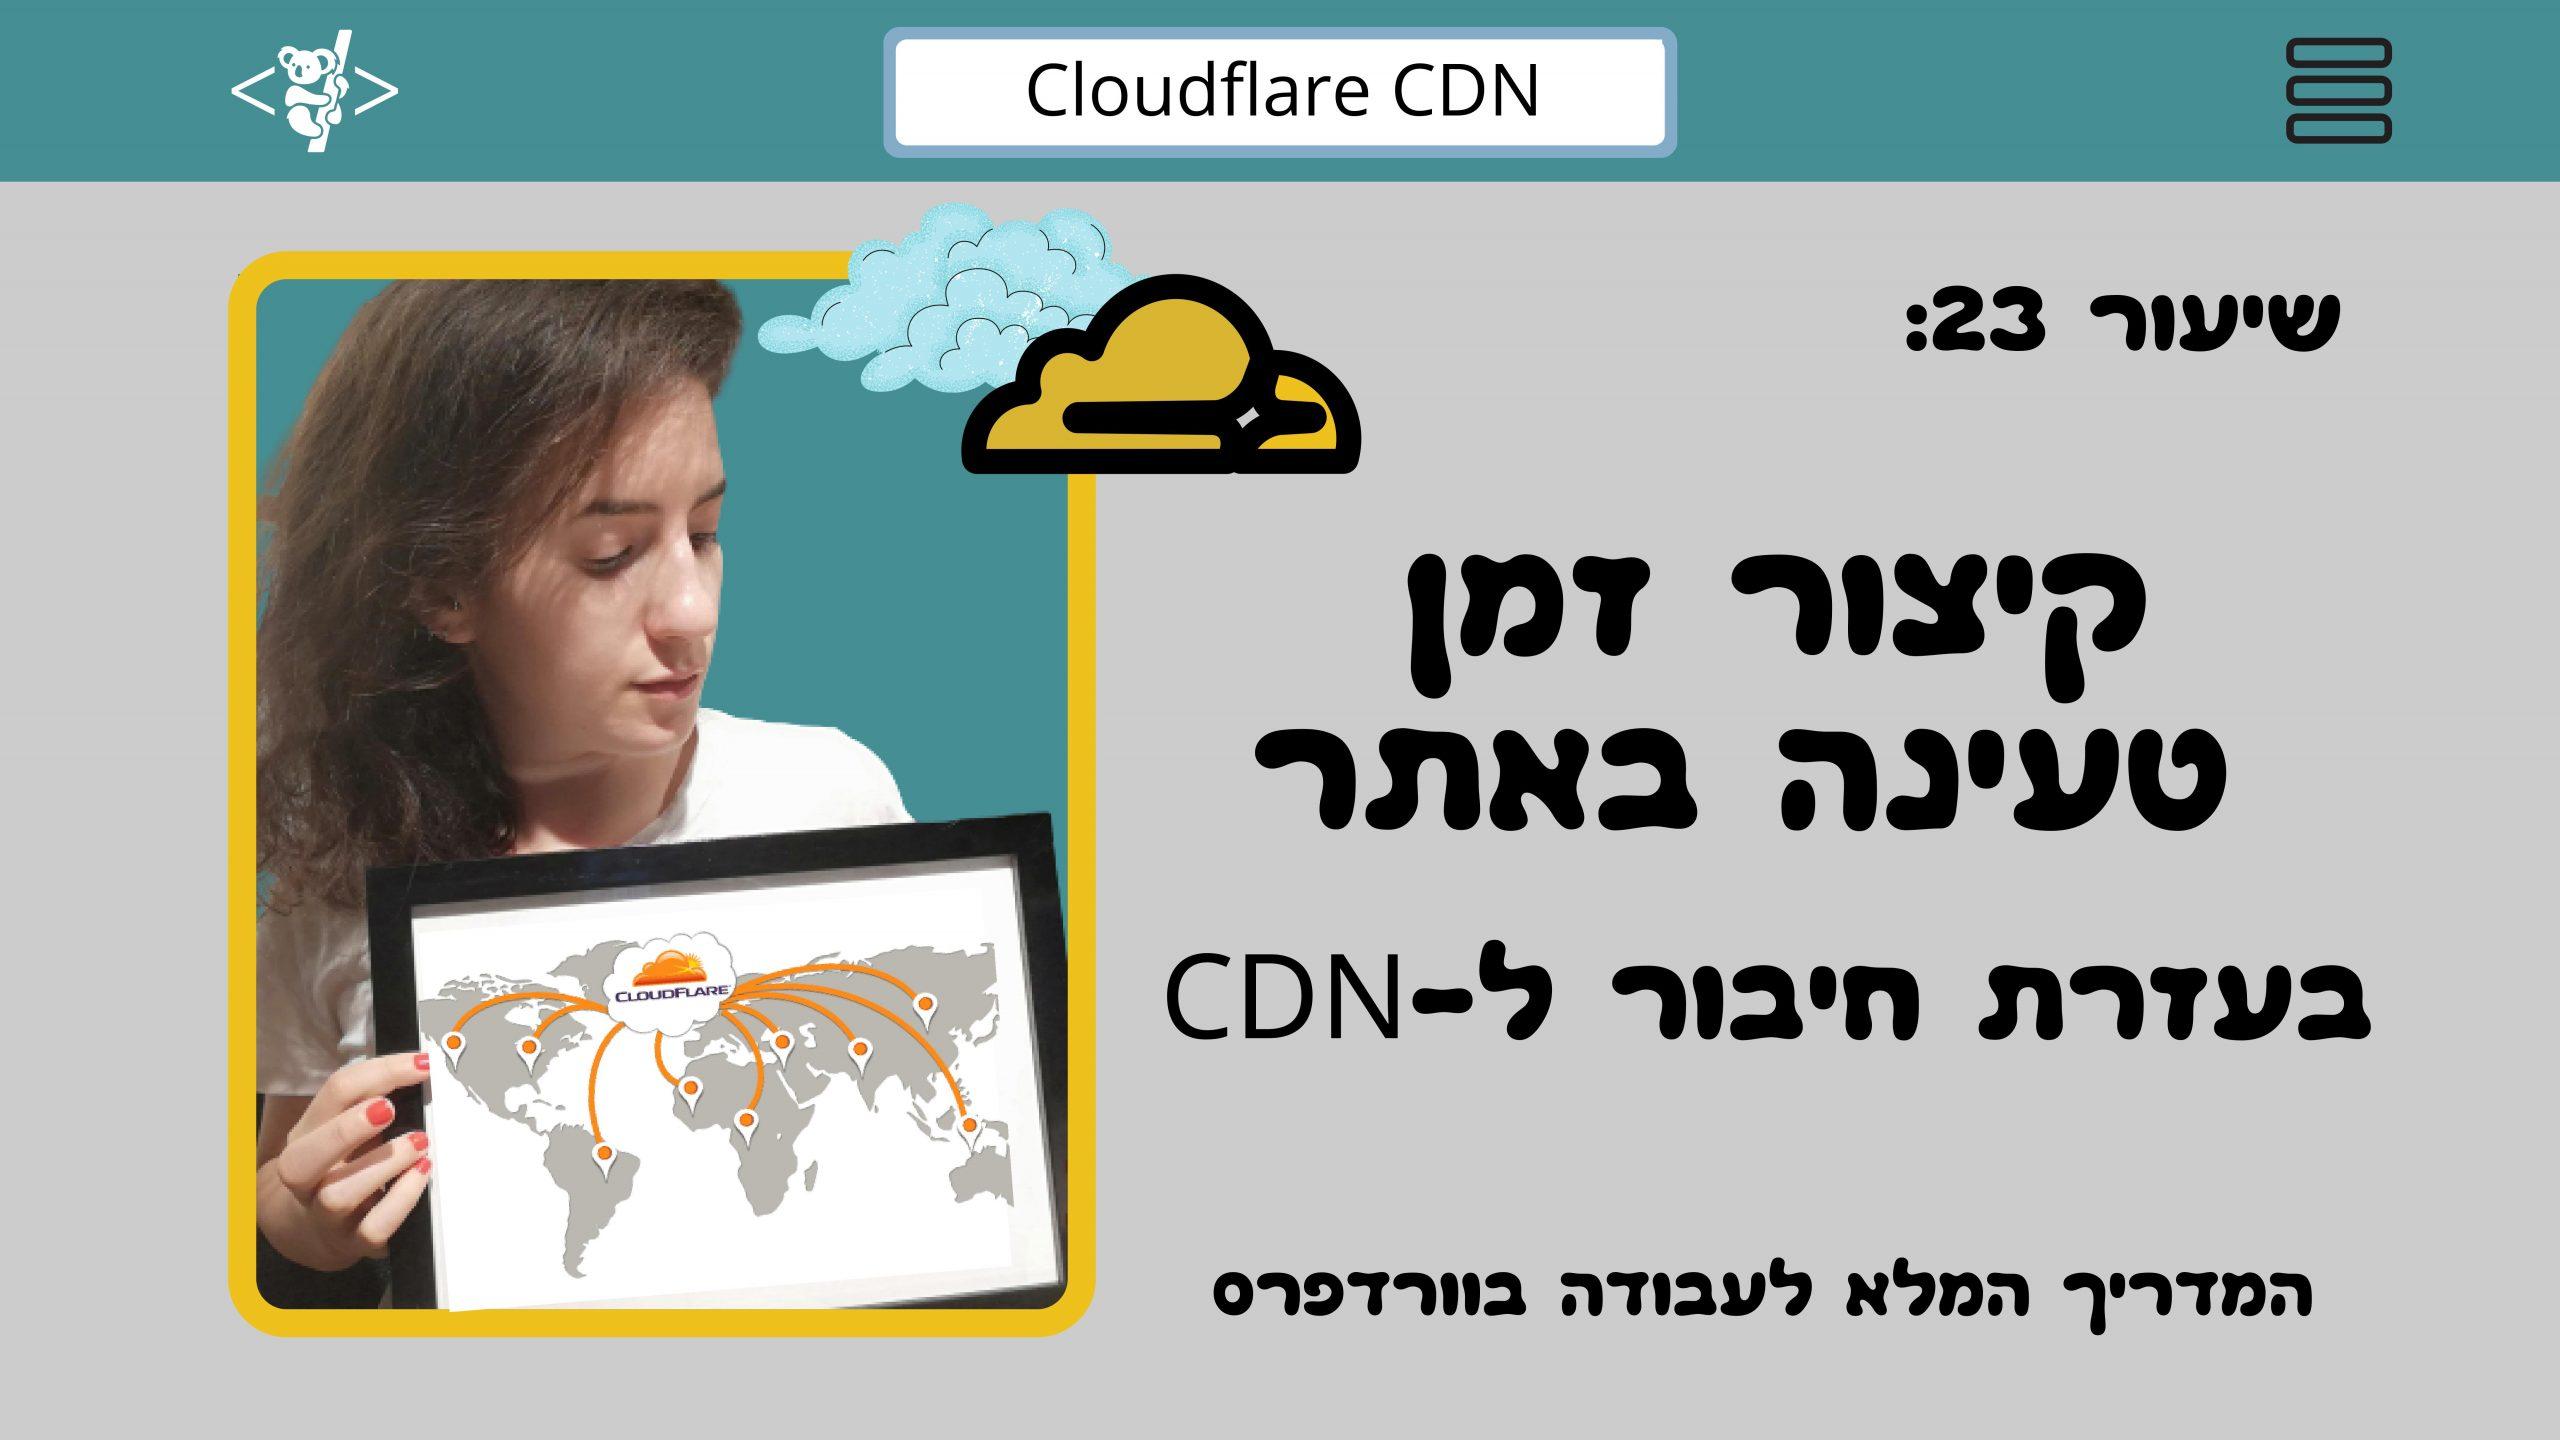 שיר ויצמן, מערכת CDN, מה זה CDN, טכנולוגיית CDN